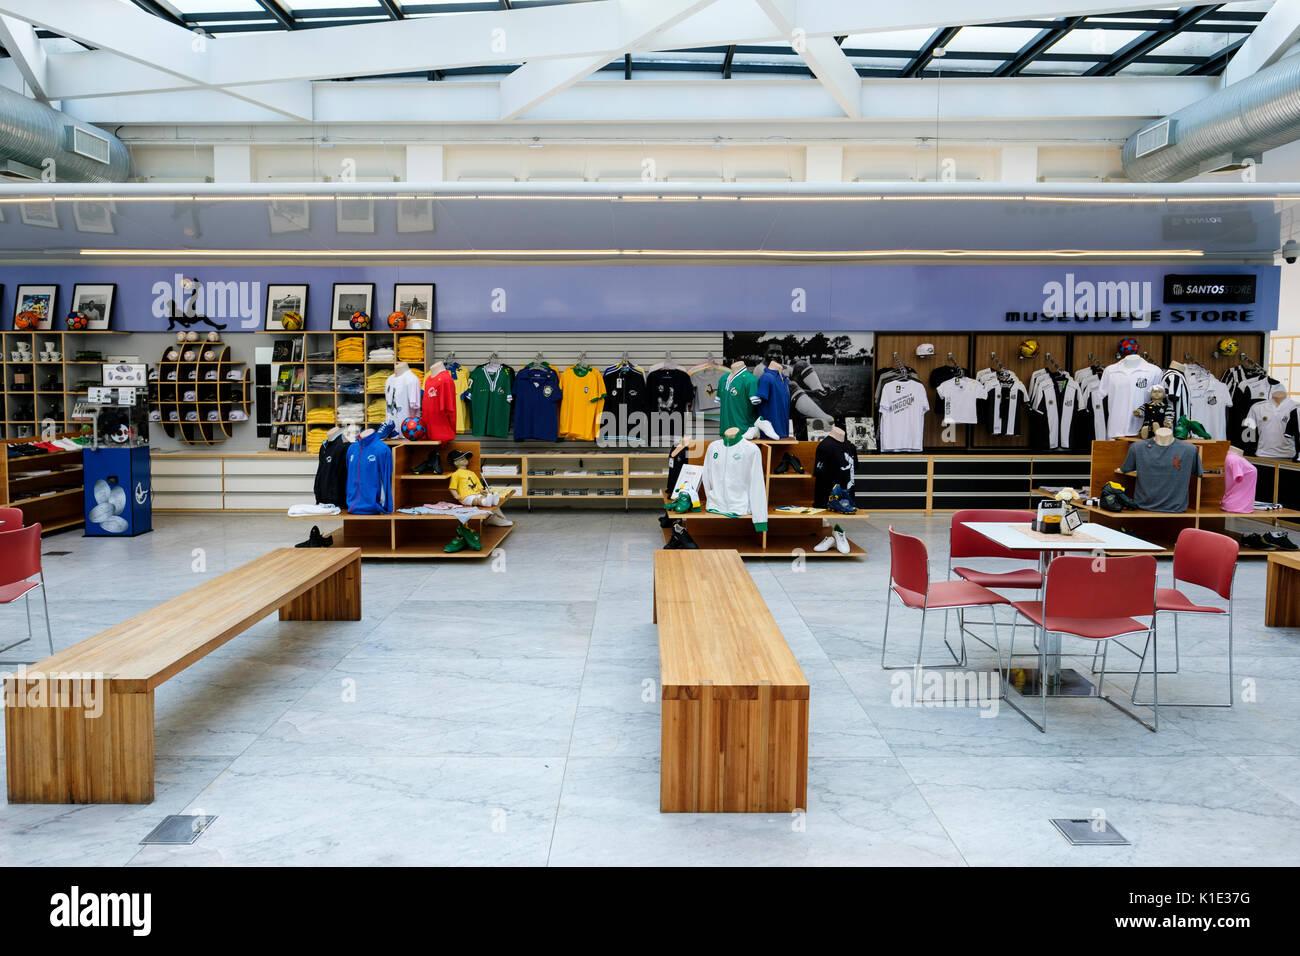 Tienda de fútbol soccerventa de la mercancía en el interior